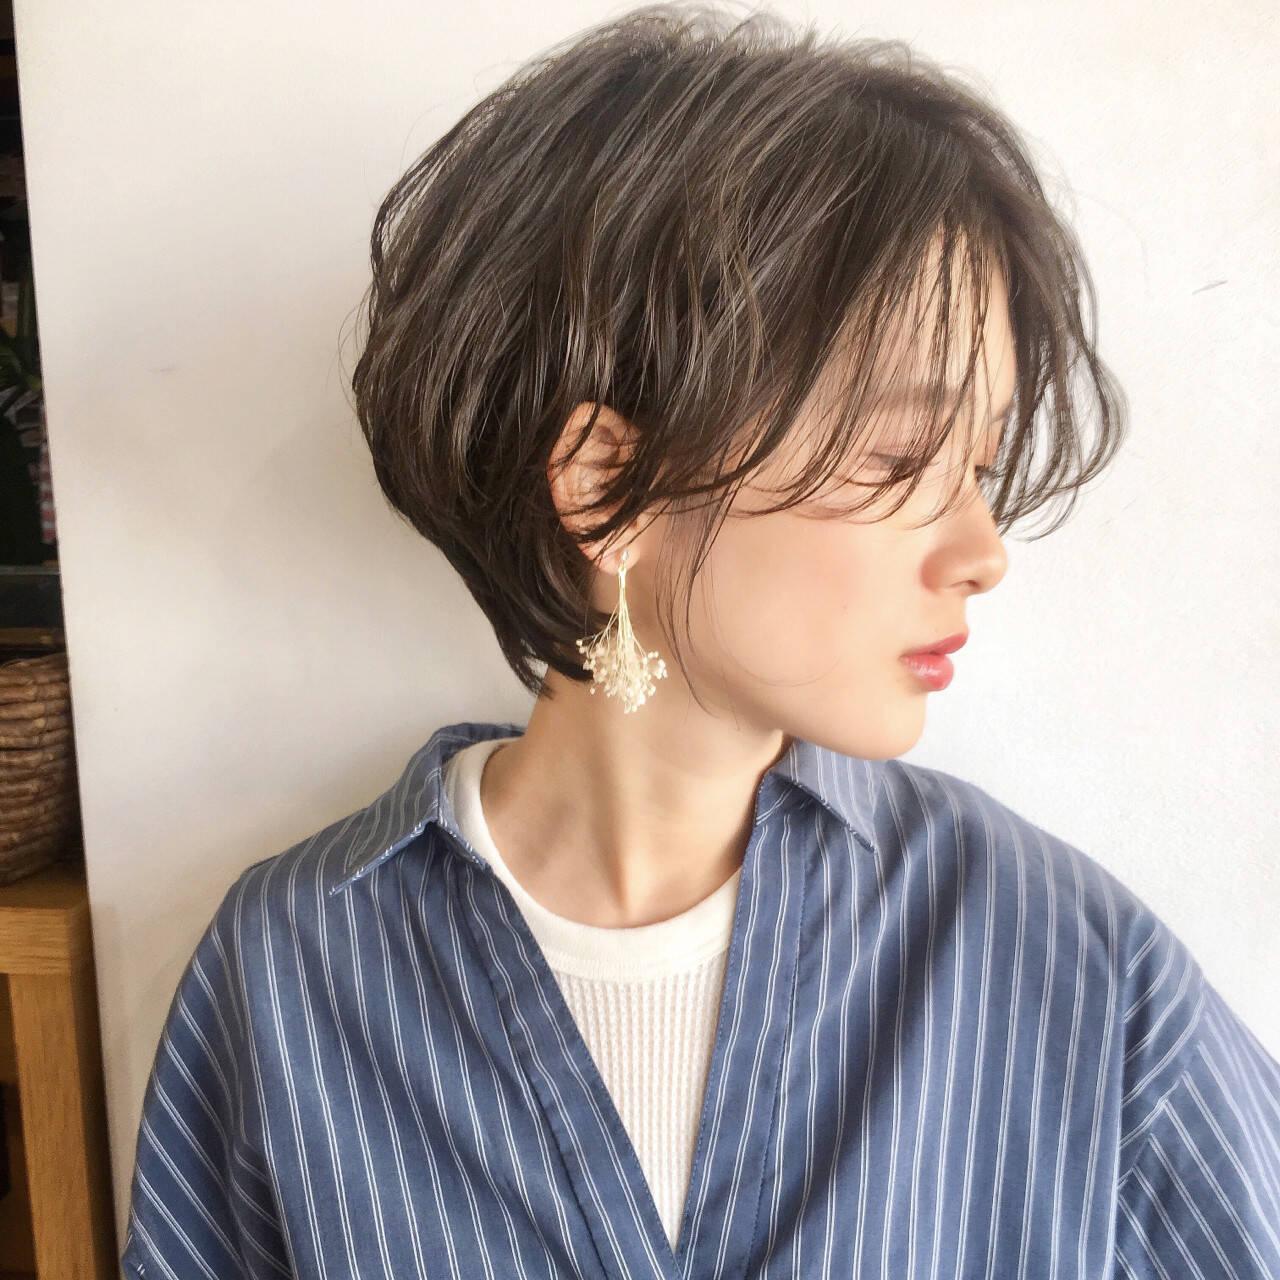 オフィス スポーツ デート エフォートレスヘアスタイルや髪型の写真・画像